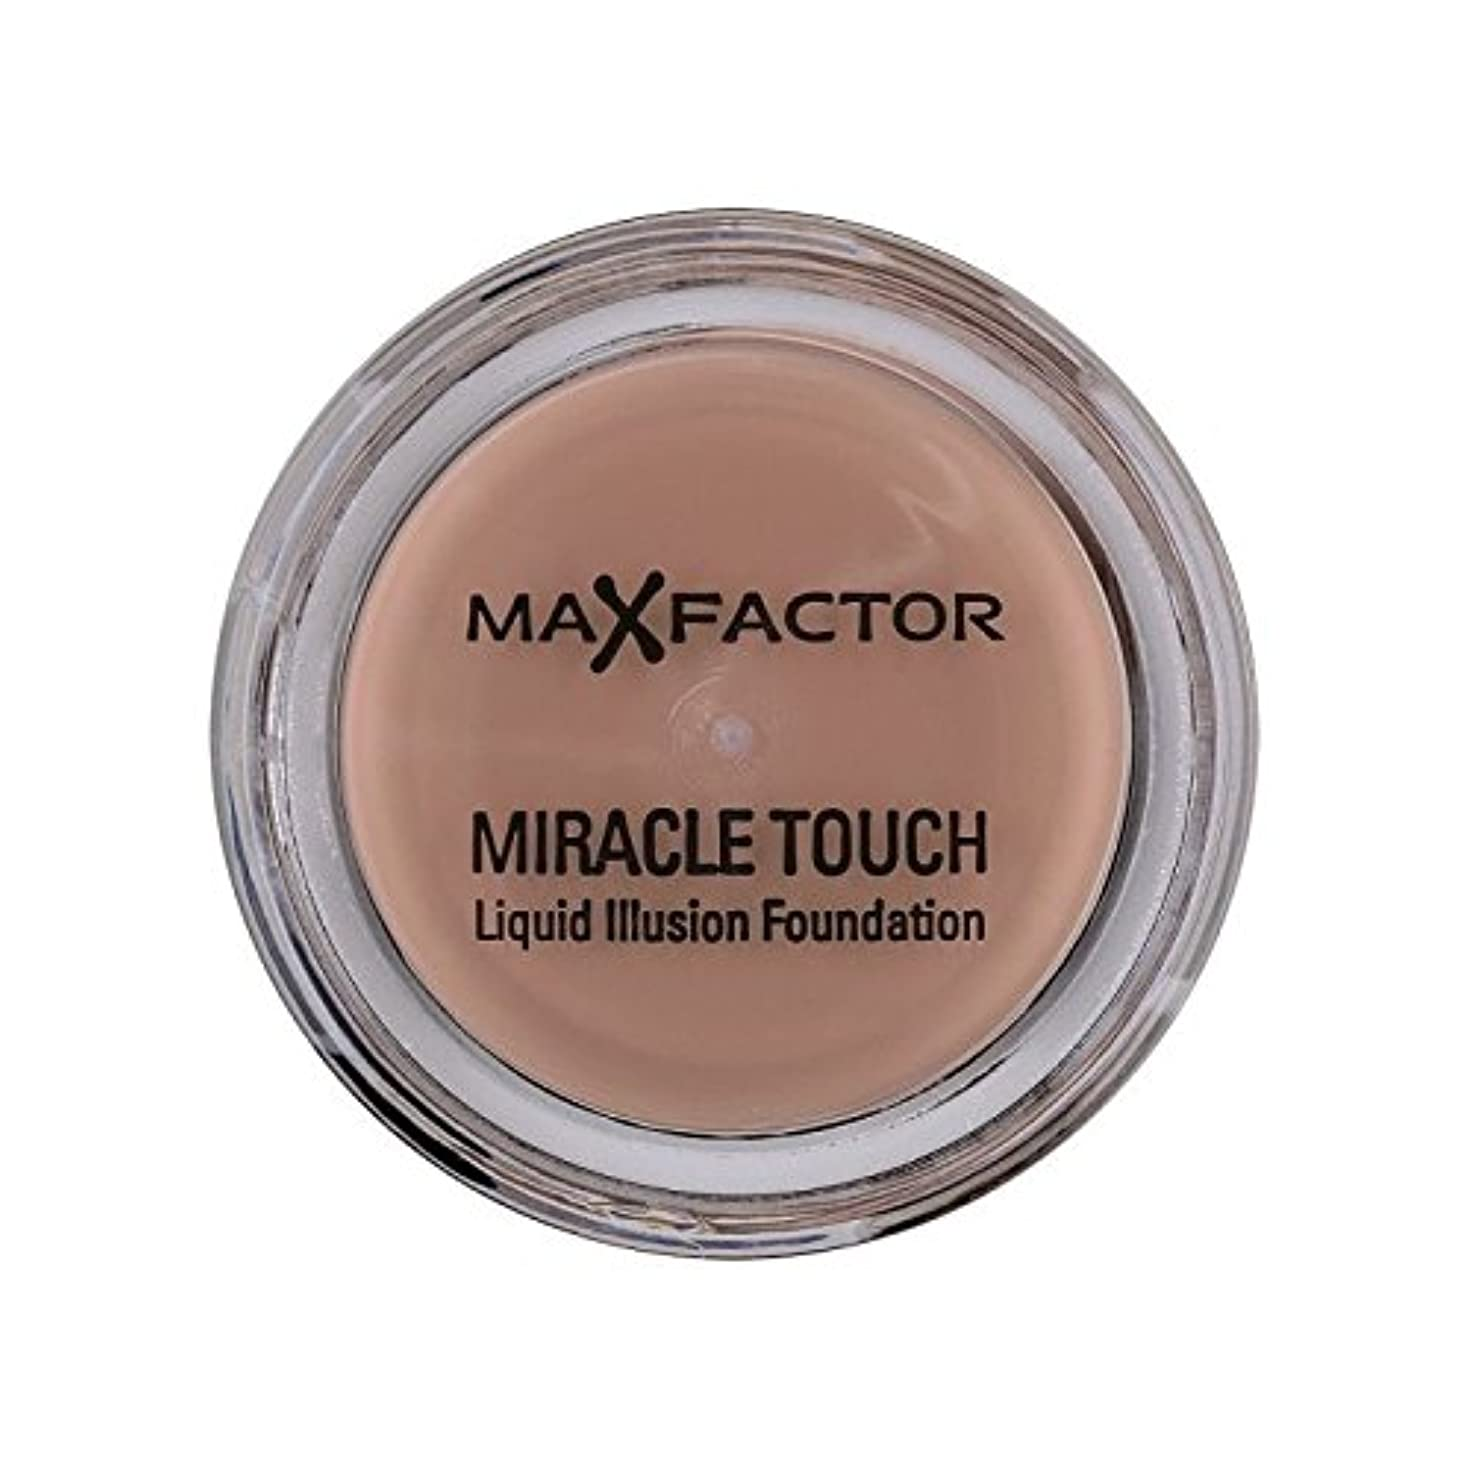 魅力的であることへのアピール甘い賞賛Max Factor Miracle Touch Foundation Natural 70 - マックスファクターの奇跡のタッチ基盤の自然70 [並行輸入品]